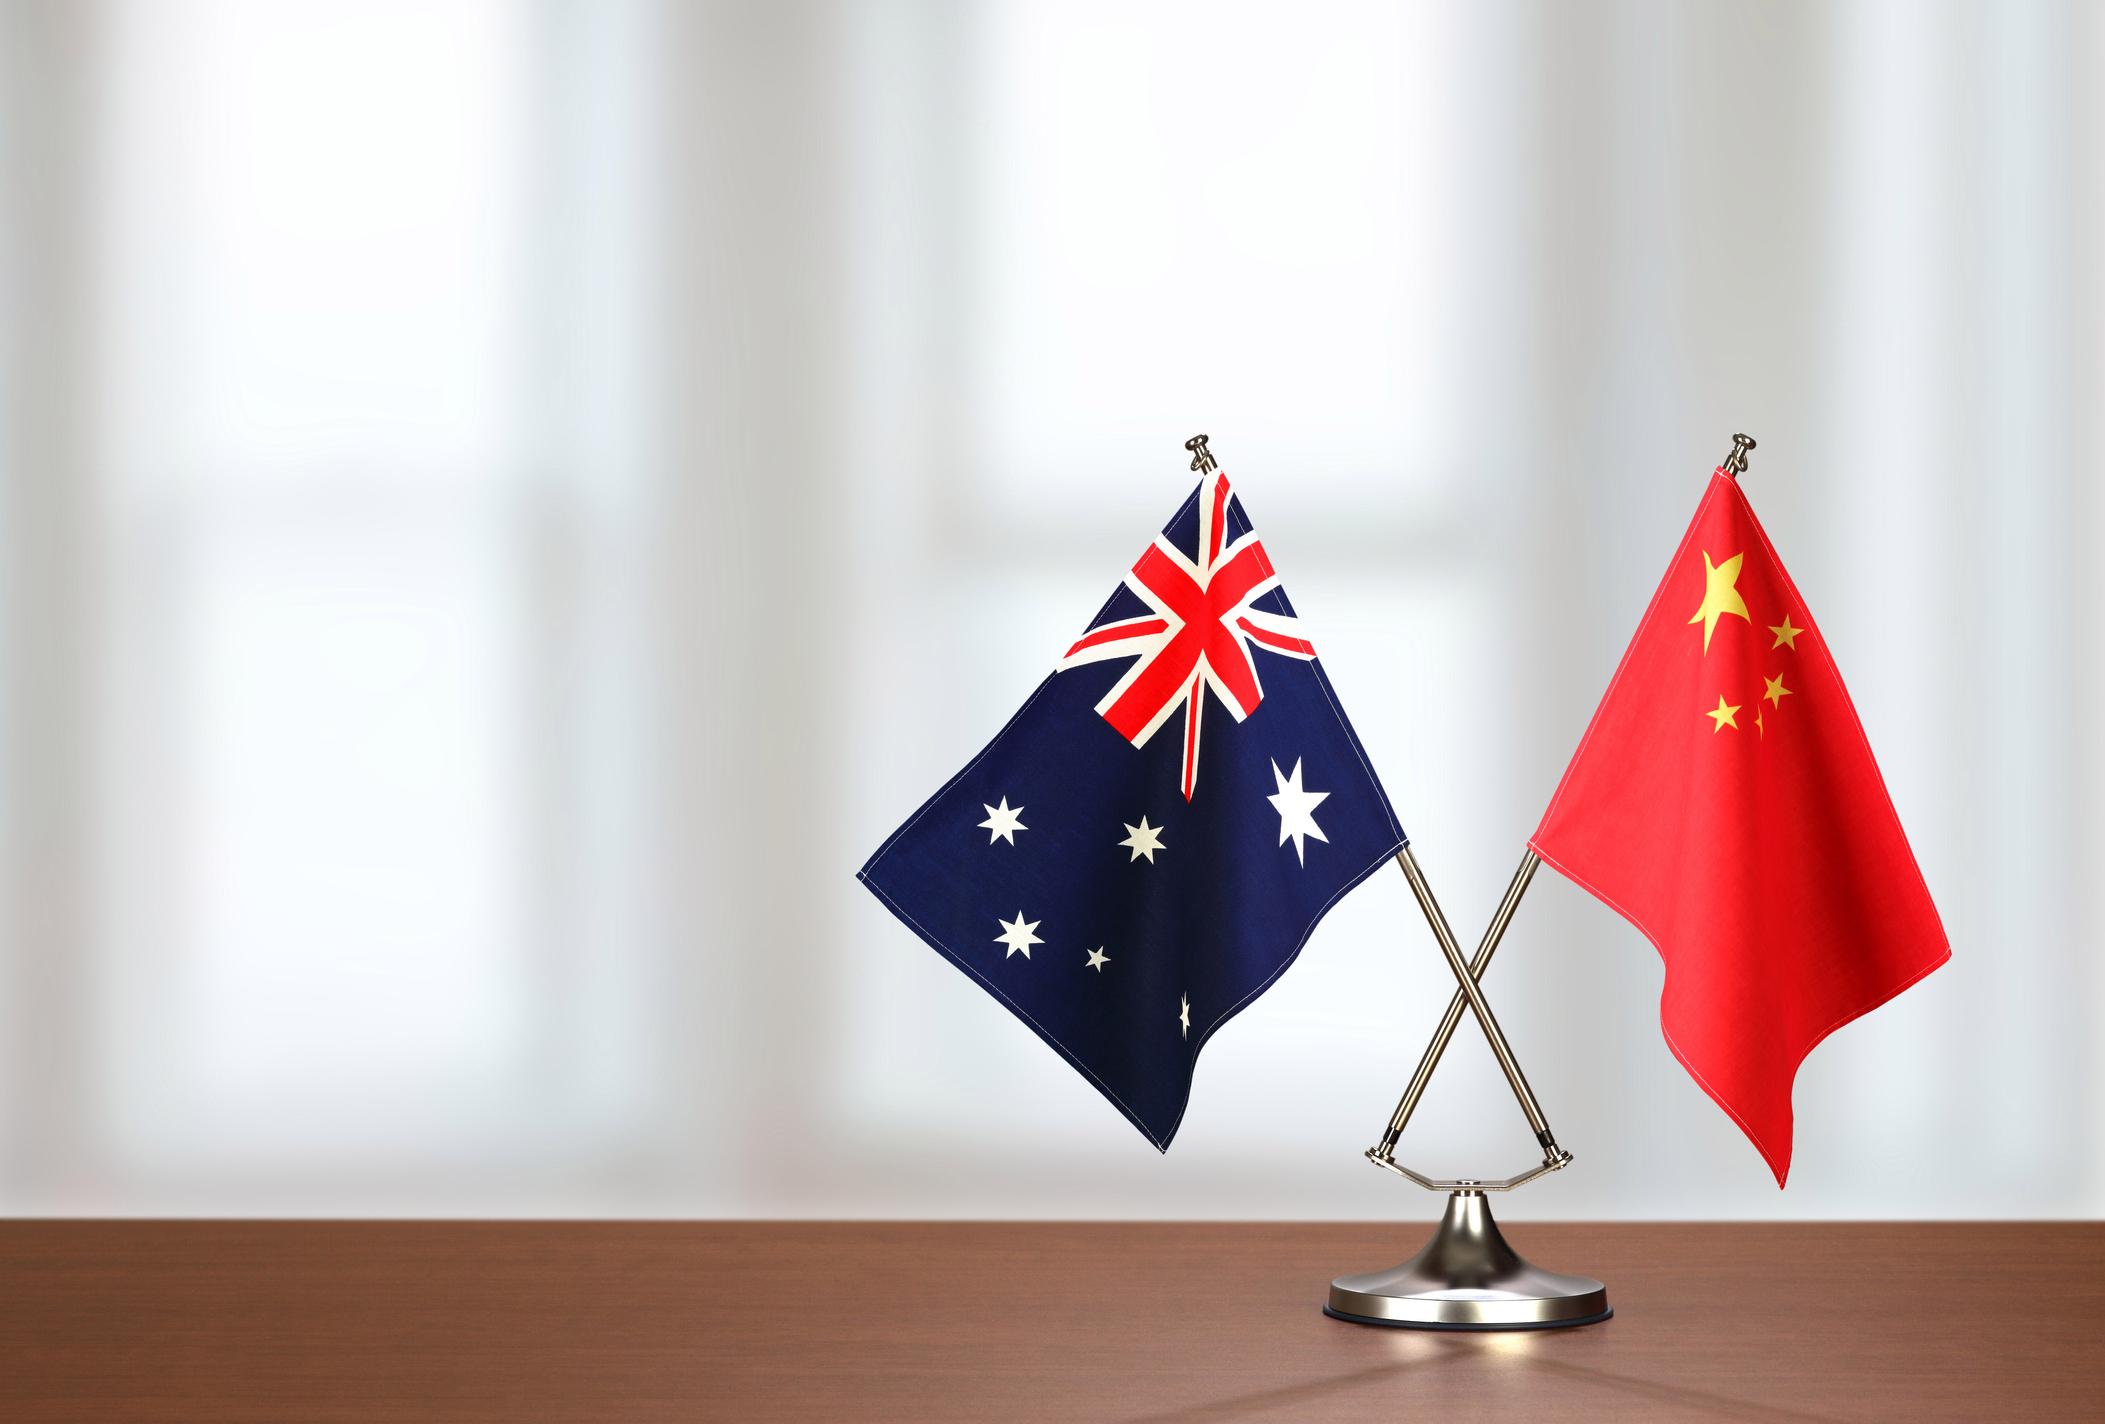 Los generales australianos advirtieron que había una 'alta probabilidad' de guerra con China